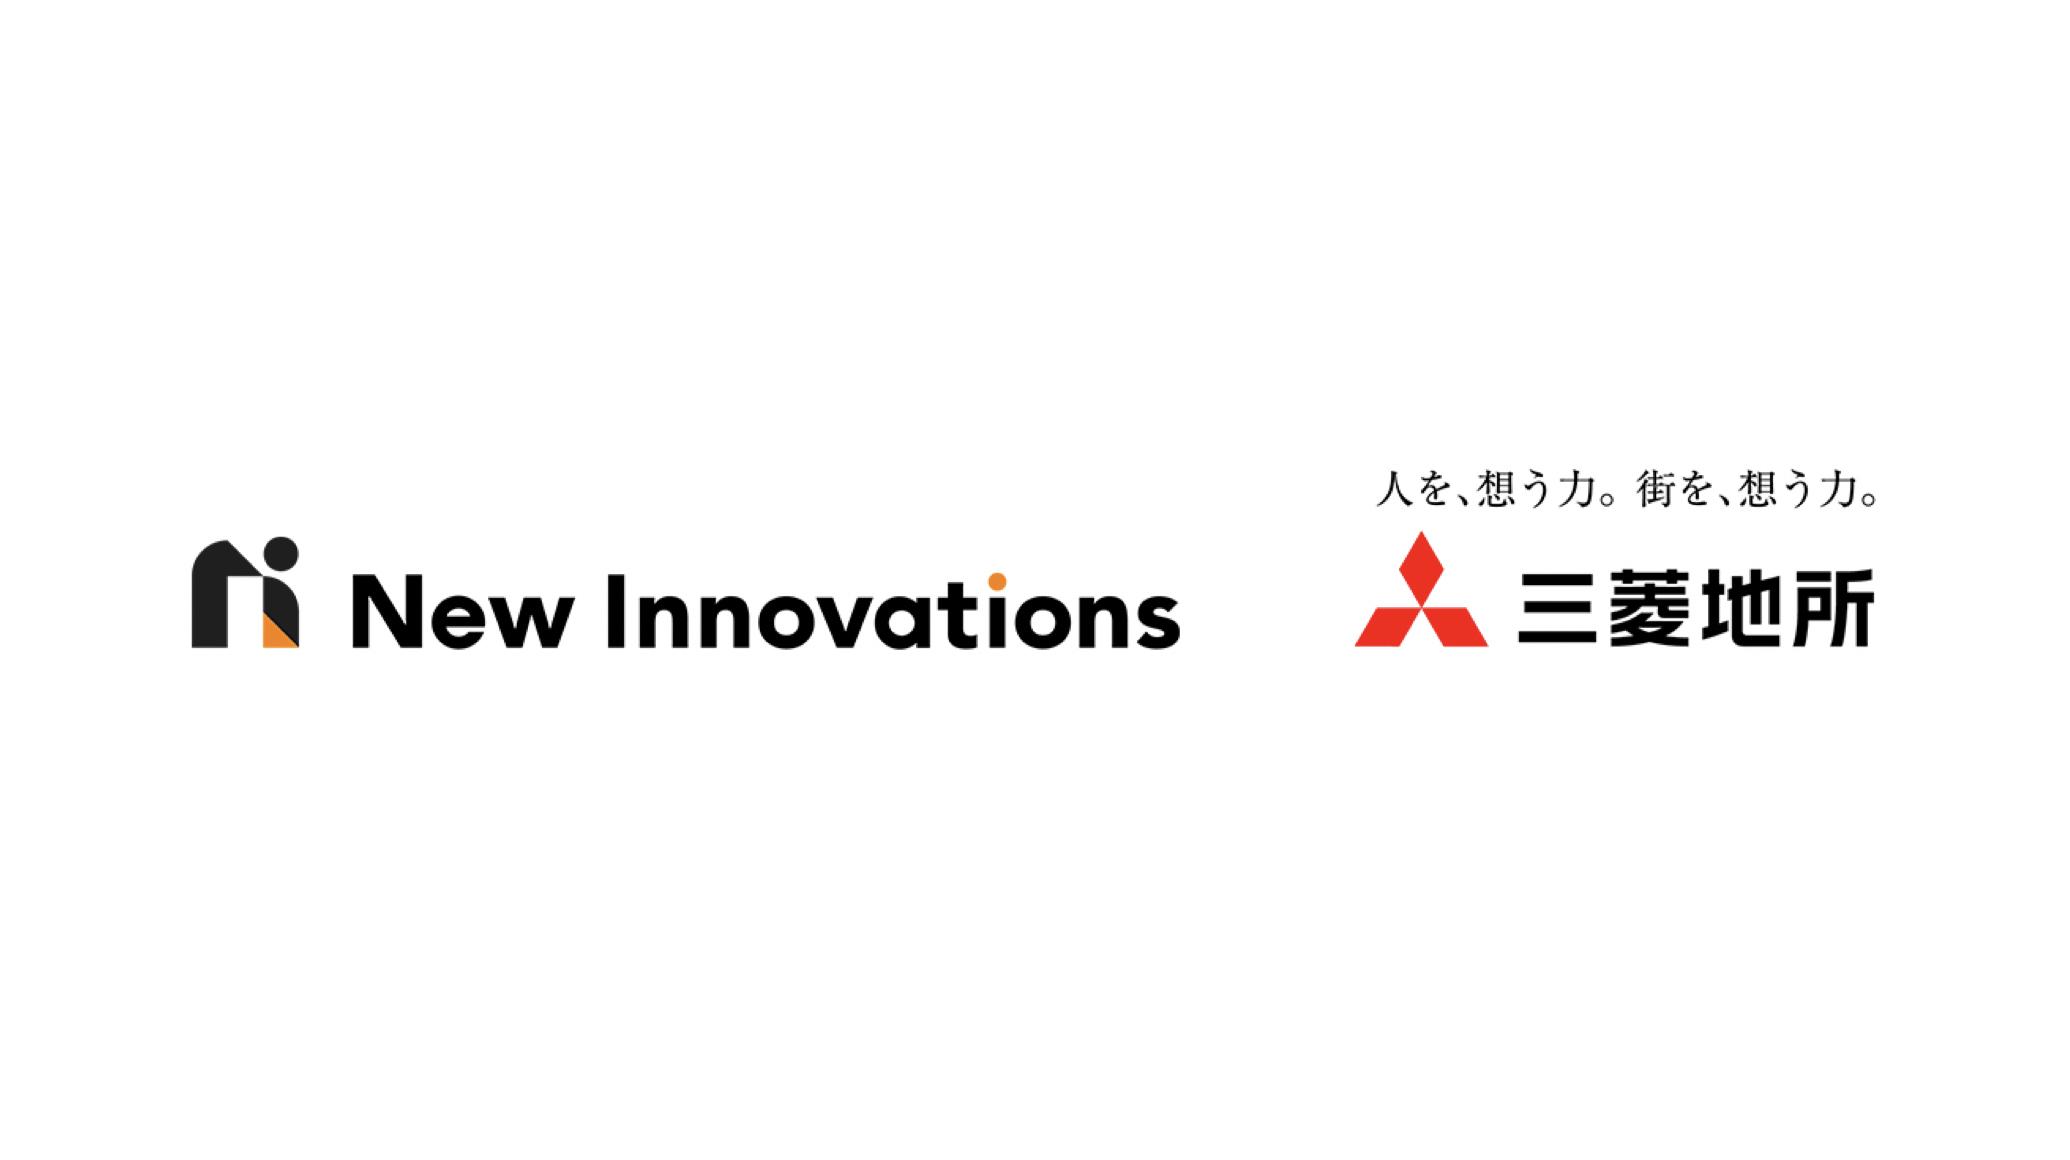 AIカフェロボットを開発するNew Innovations、三菱地所との実証実験を東京丸の内・新東京ビルにて開始